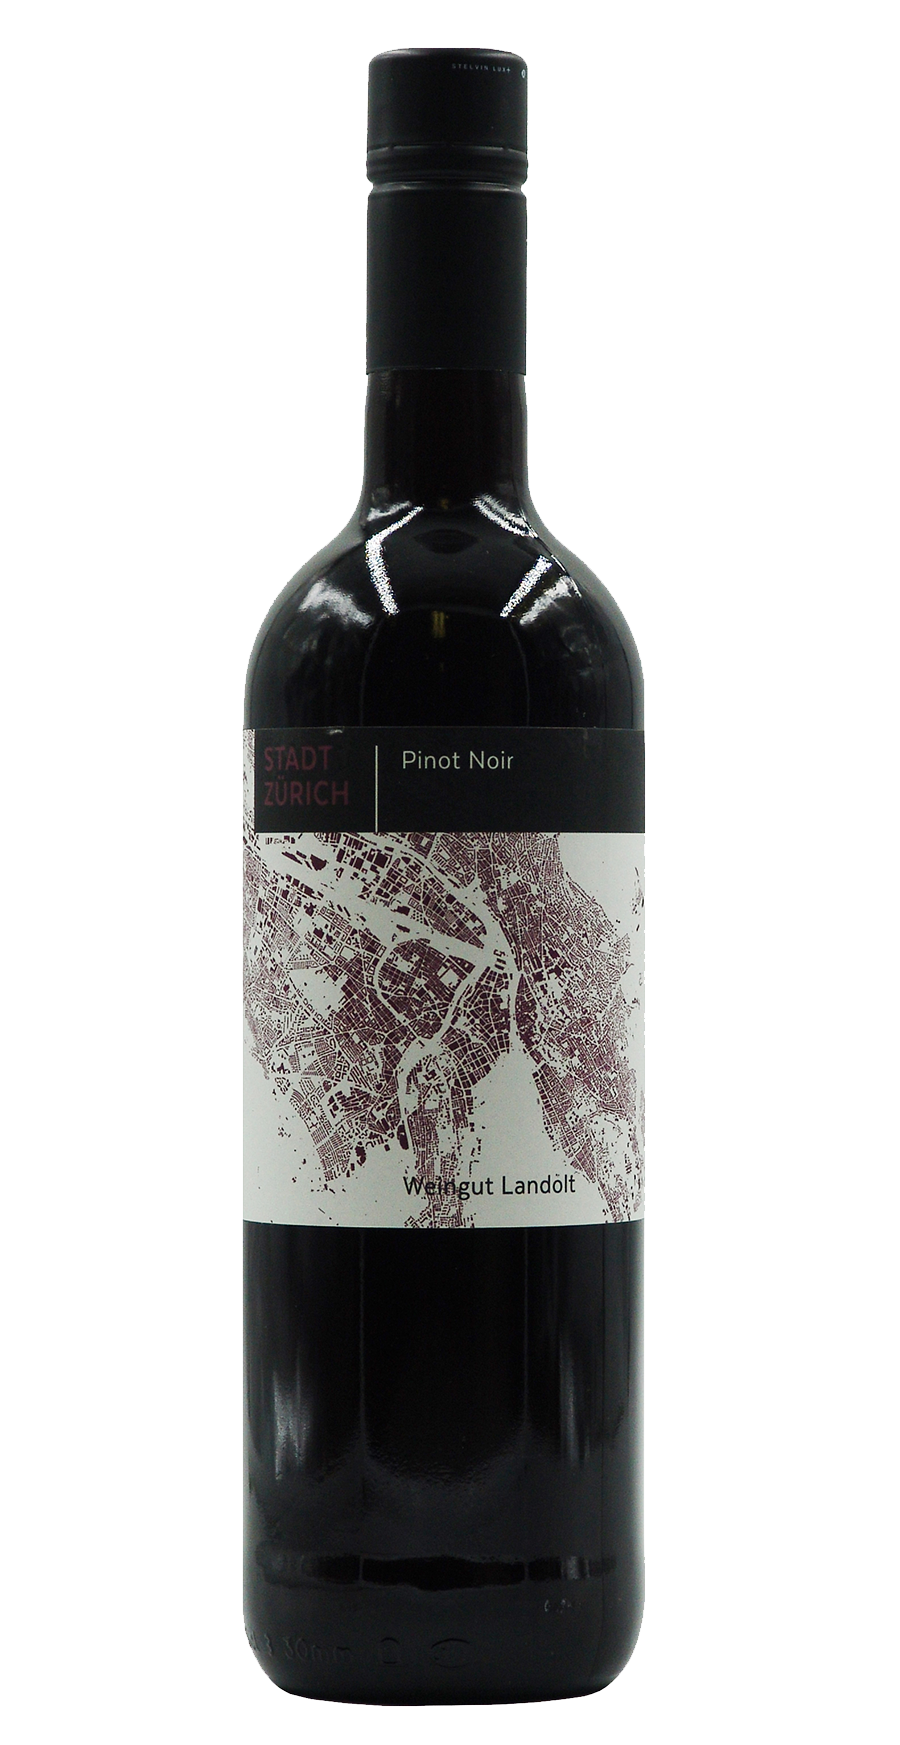 Landolt - Stadt Zürich Pinot Noir AOC